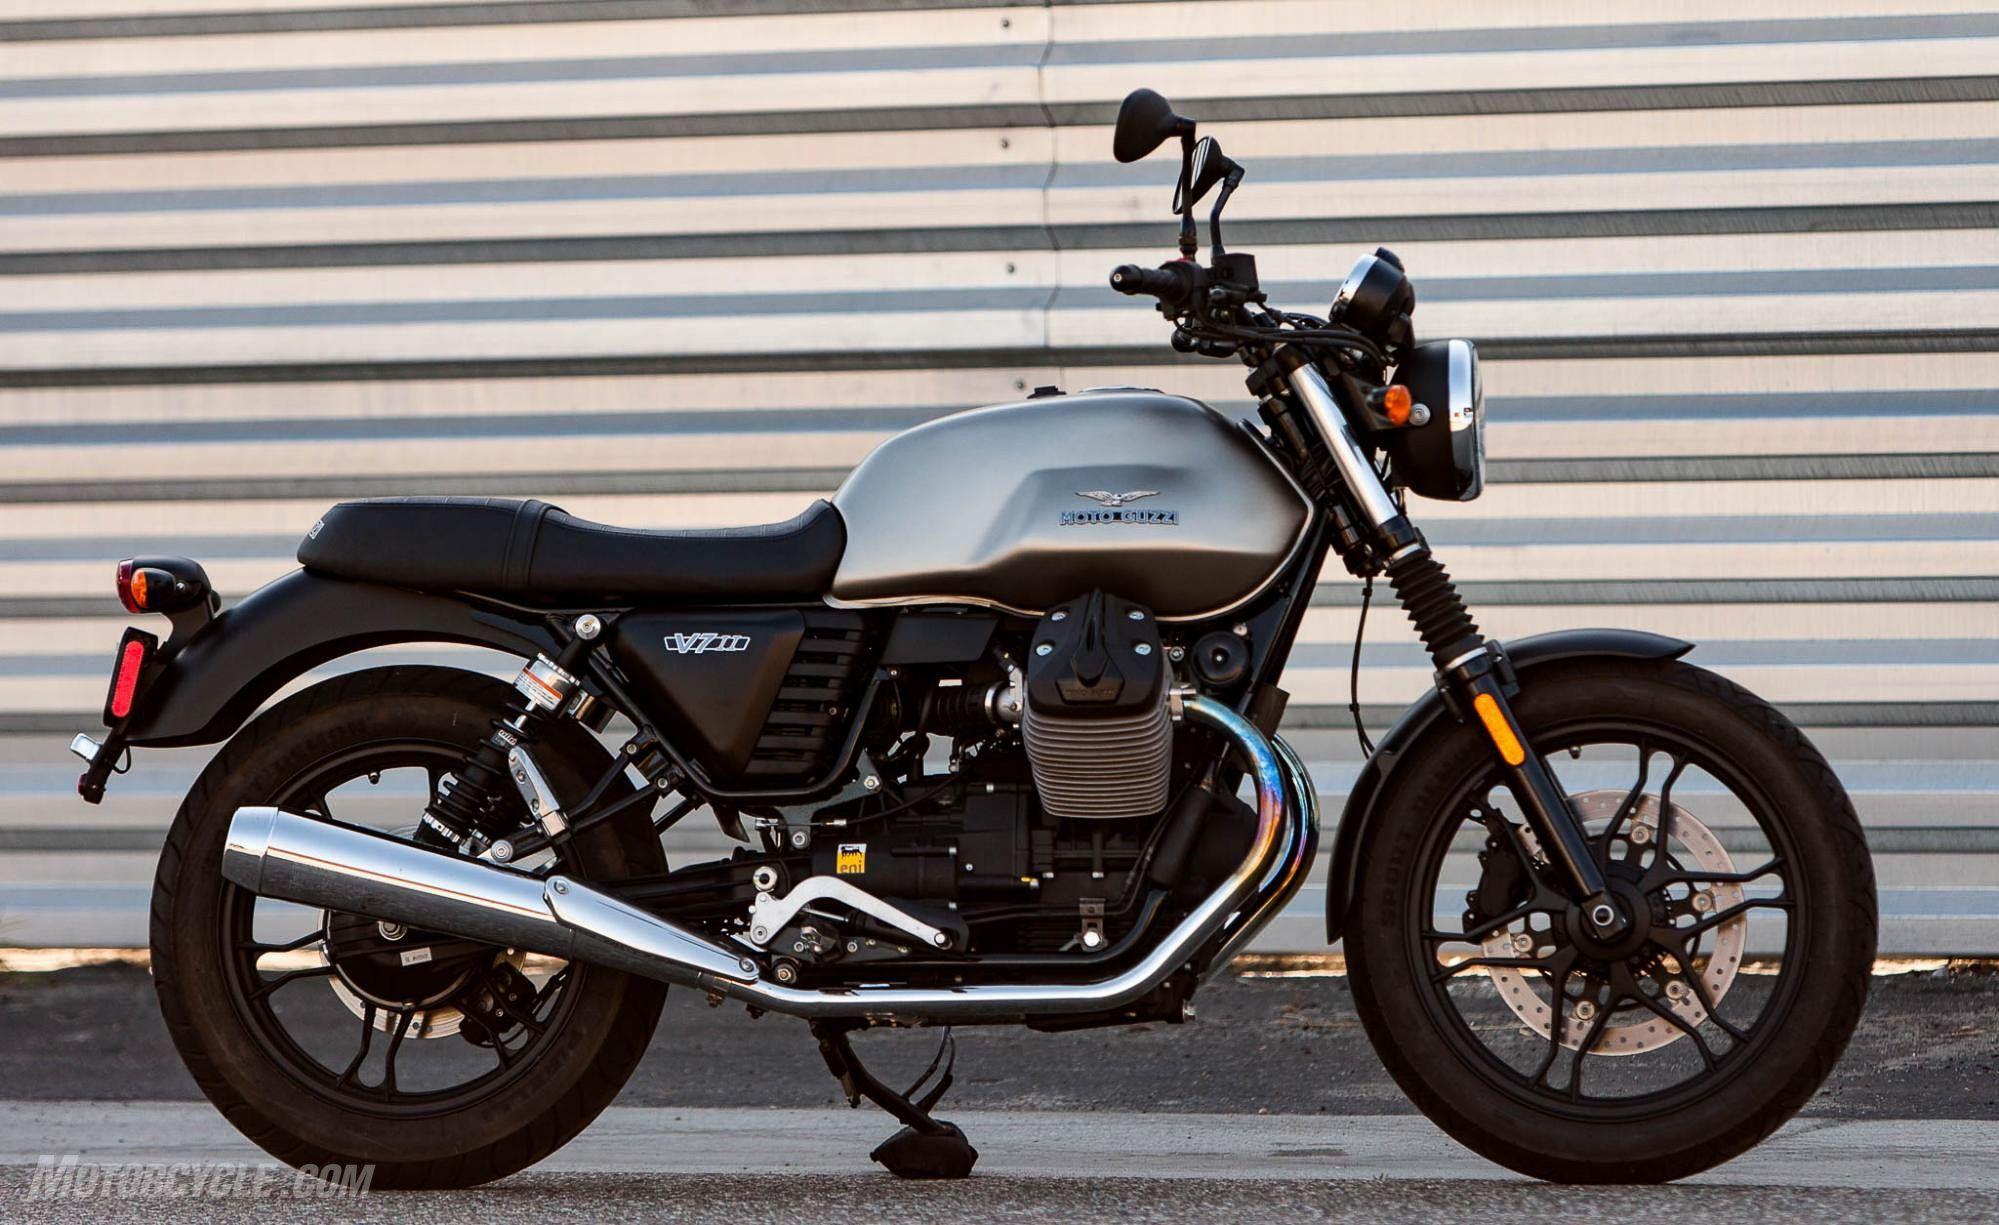 moto guzzi v7 ii stone moto guzzi motorcycles pinterest moto guzzi. Black Bedroom Furniture Sets. Home Design Ideas